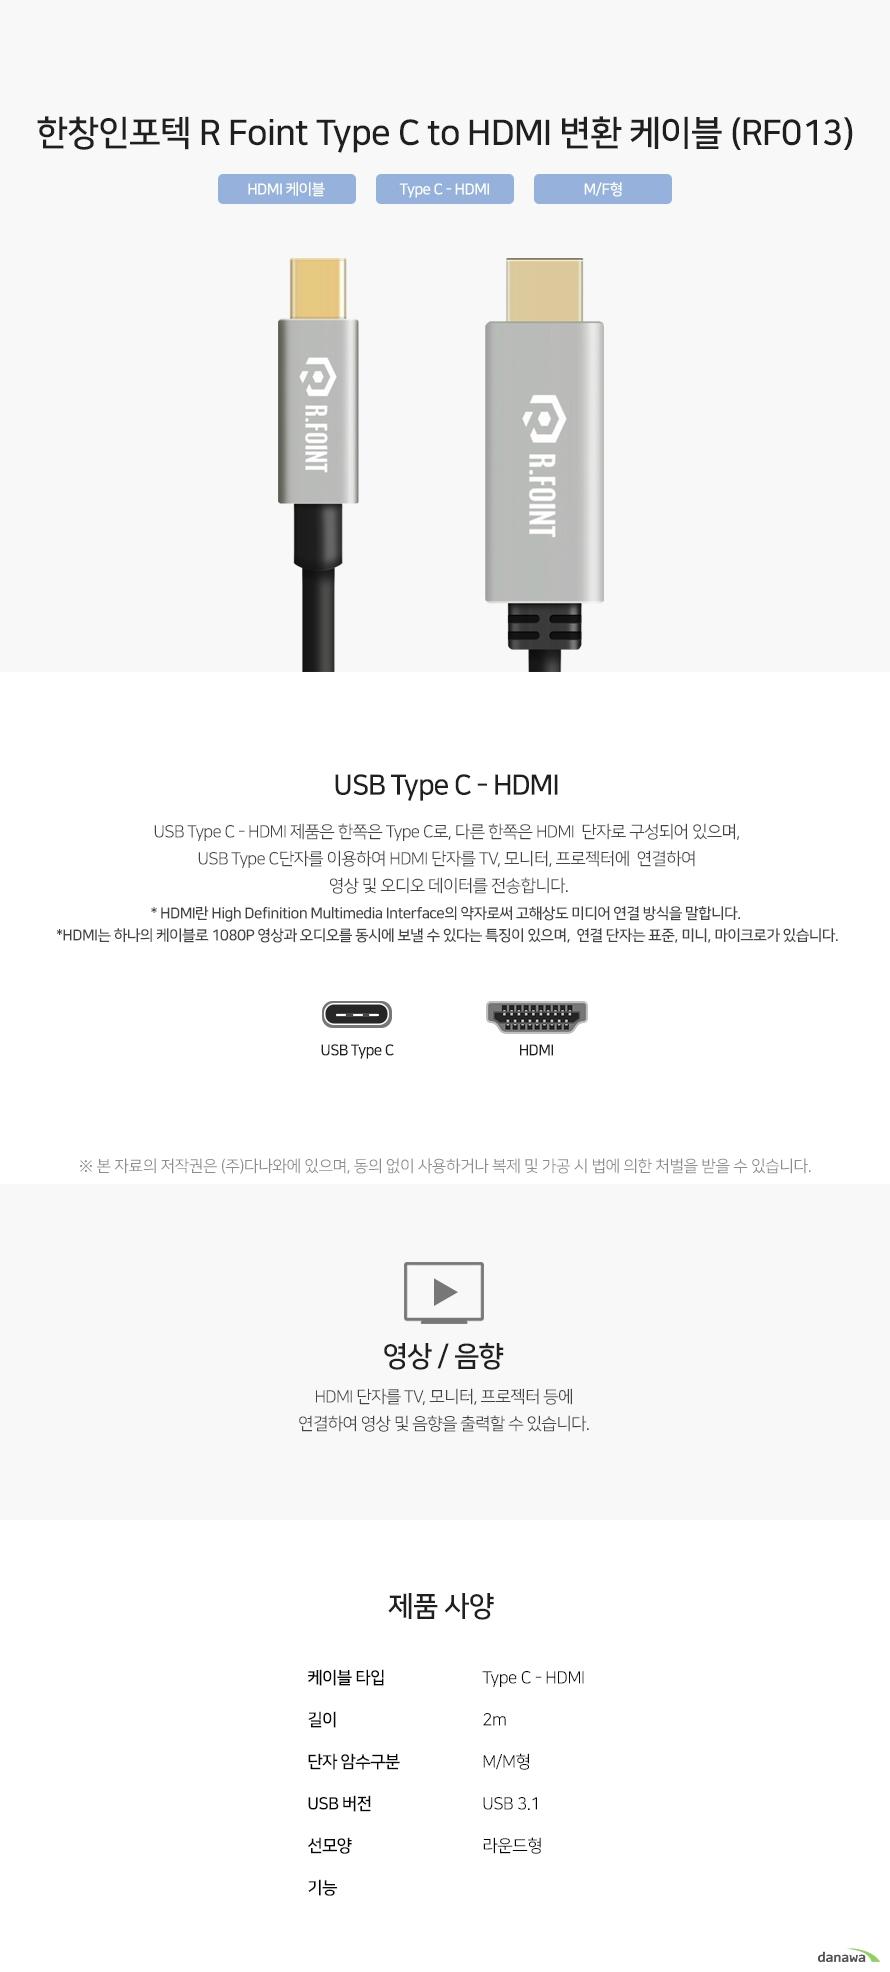 한창인포텍 R Foint Type C to HDMI 변환 케이블 (RF013) USB Type C - HDMI 제품은 한쪽은 Type C로, 다른 한쪽은 HDMI  단자로 구성되어 있으며, USB Type C단자를 이용하여 HDMI 단자를 TV, 모니터, 프로젝터에  연결하여 영상 및 오디오 데이터를 전송합니다. HDMI 단자를 TV, 모니터, 프로젝터 등에 연결하여 영상 및 음향을 출력할 수 있습니다.